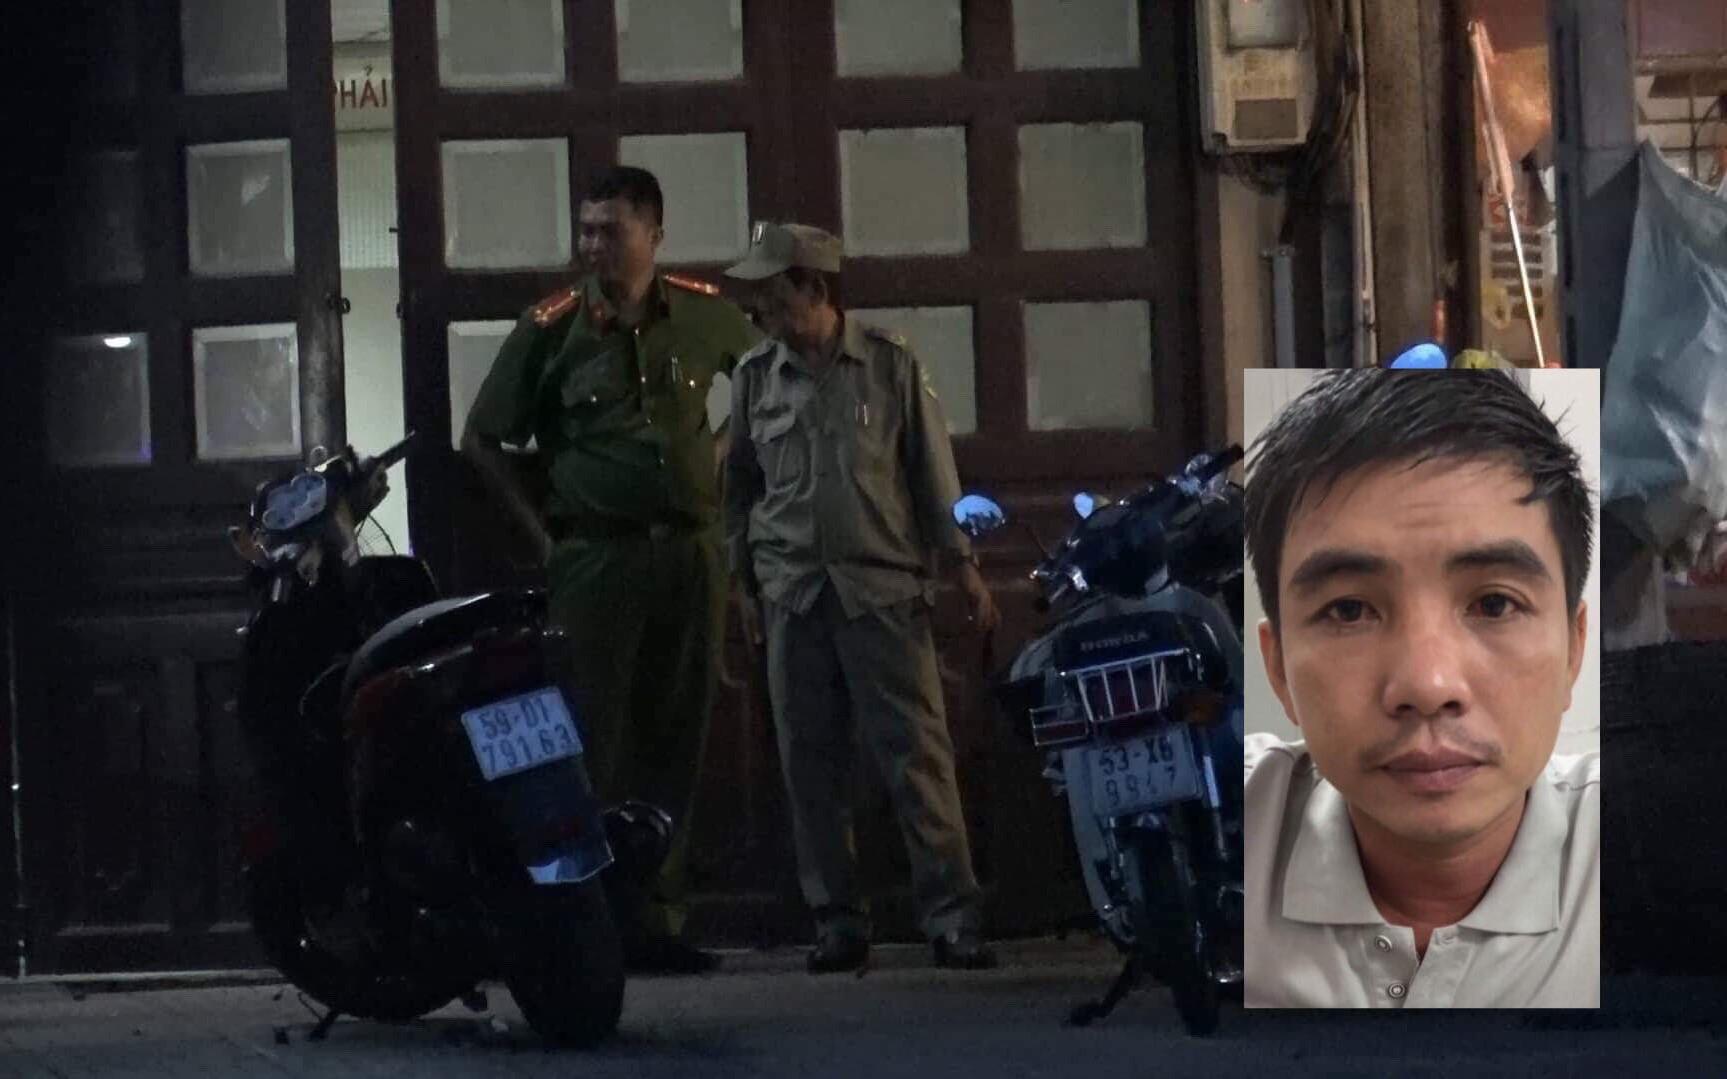 Lời khai của người chồng sát hại vợ rồi gọi mẹ tới nhận xác ở Sài Gòn: Muốn vợ quay lại sống với mình